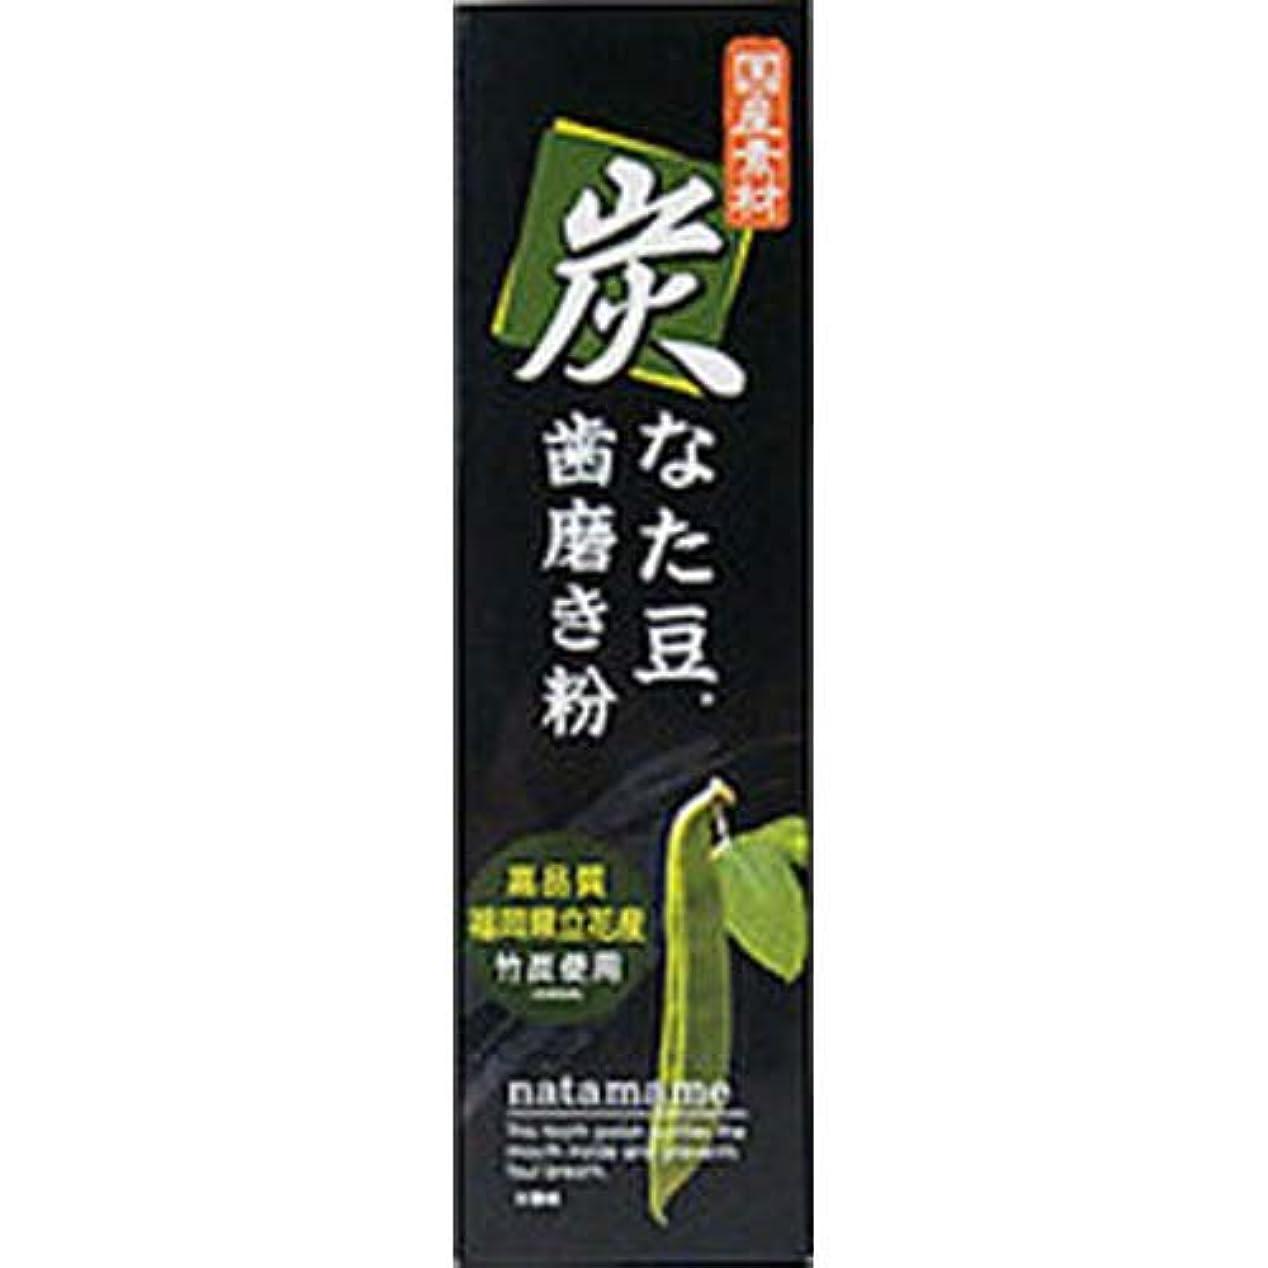 保存期待する間違っている炭なた豆歯磨き粉 120g